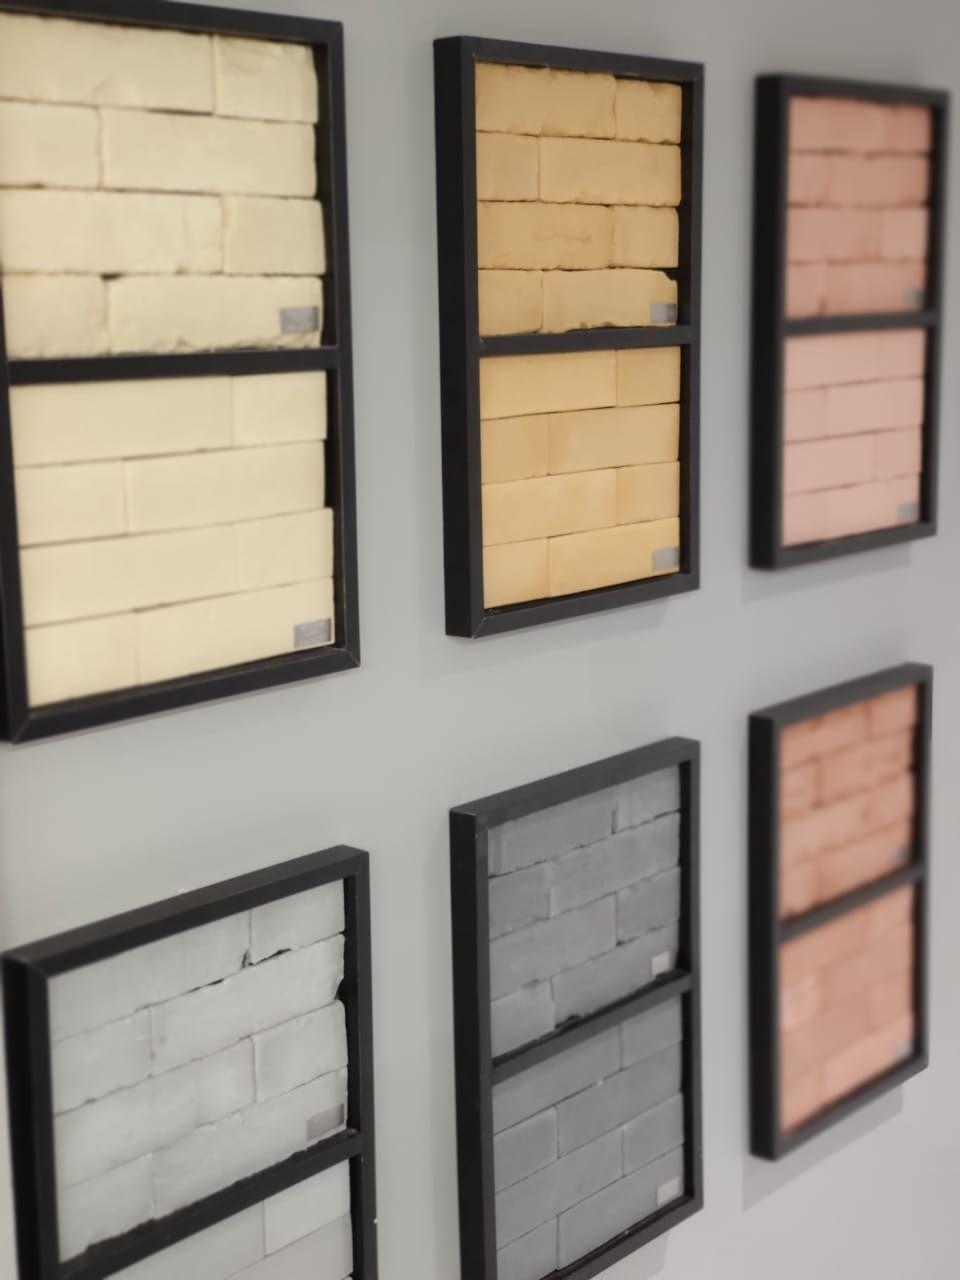 A Palazzo Revestimentos traz tijolos cimenticios em sete opções de cores com texturas lisas e rústicas. Fotos: Luan Galani / HAUS.